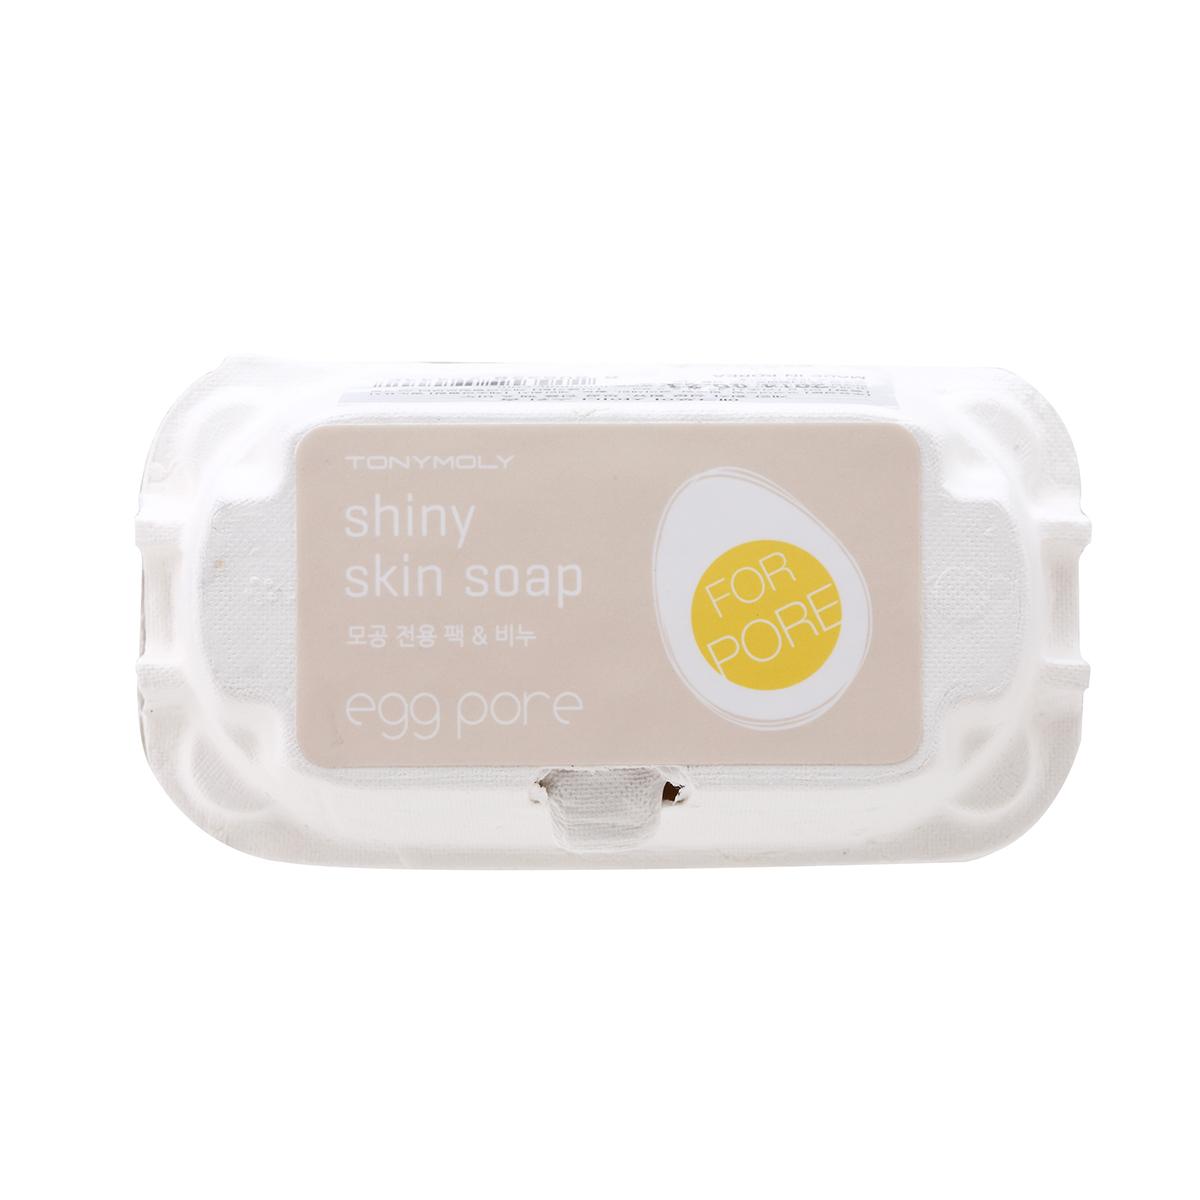 TonyMoly Мыло-маска для чистки пор Egg Pore Shiny Skin Soap, 50г*2штFS-00897Основной компонент мыла это яичный белок - сужает поры и уменьшает жирность, питает кожу и придает ей эластичность. Надолго избавит Т-зону от жирного блеска и поможет решить проблему расширенных пор. Витамин В, входящий в состав мыла, обладает подсушивающим и подтягивающим эффектом, а также выравнивает цвет лица и дарит ощущение невероятной чистоты. Марка Tony Moly чаще всего размещает на упаковке (внизу или наверху на спайке двух сторон упаковки, на дне банки, на тубе сбоку) дату изготовления в формате: год/месяц/дата.